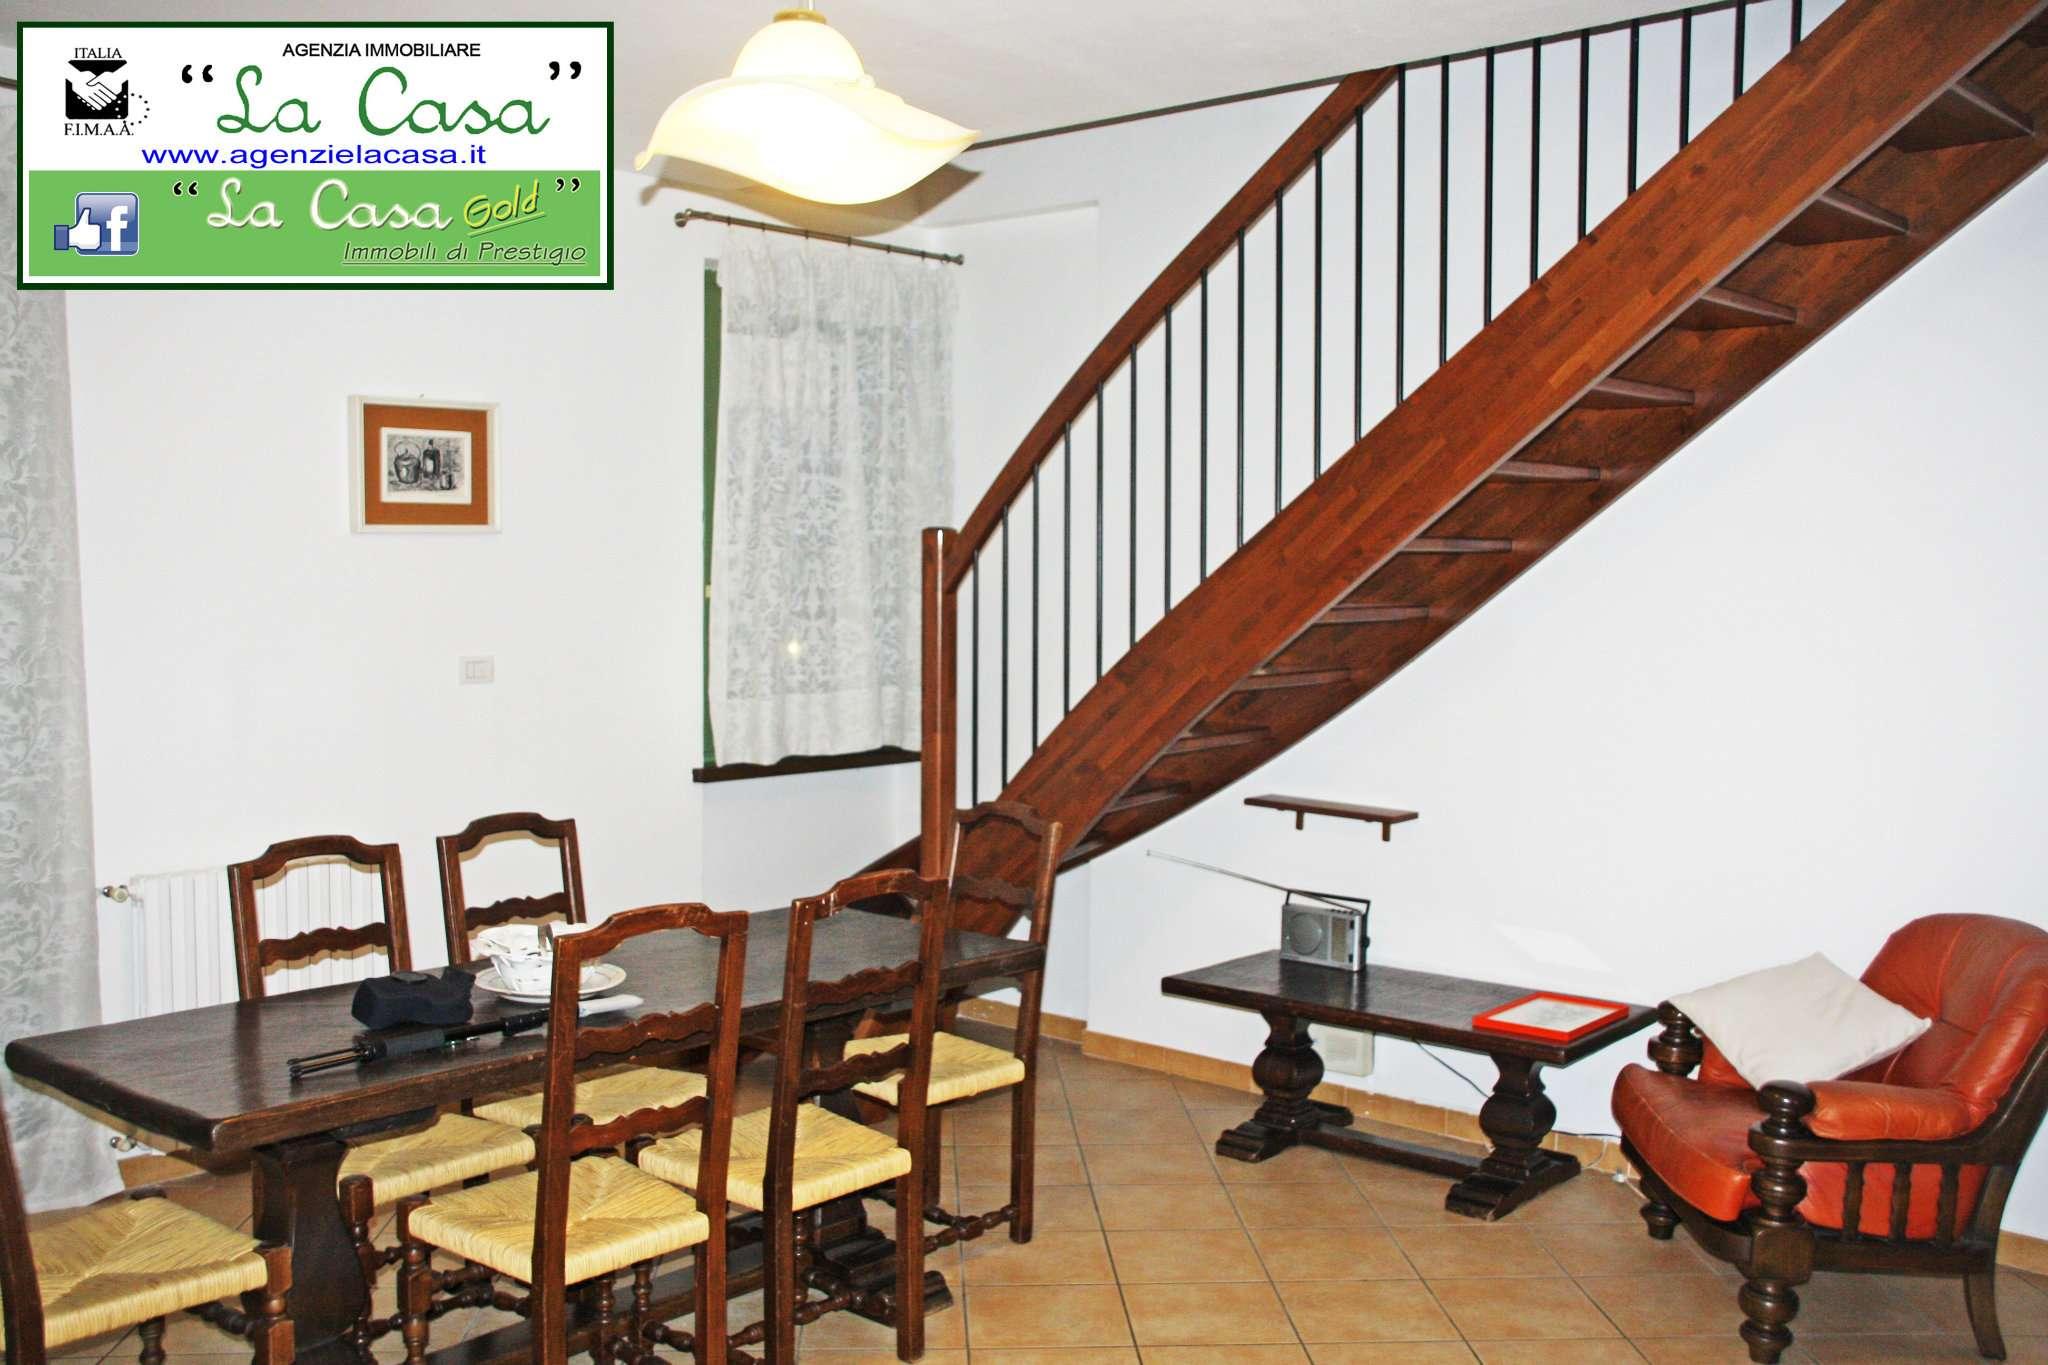 Appartamento in affitto a Villanova d'Asti, 6 locali, prezzo € 590 | CambioCasa.it